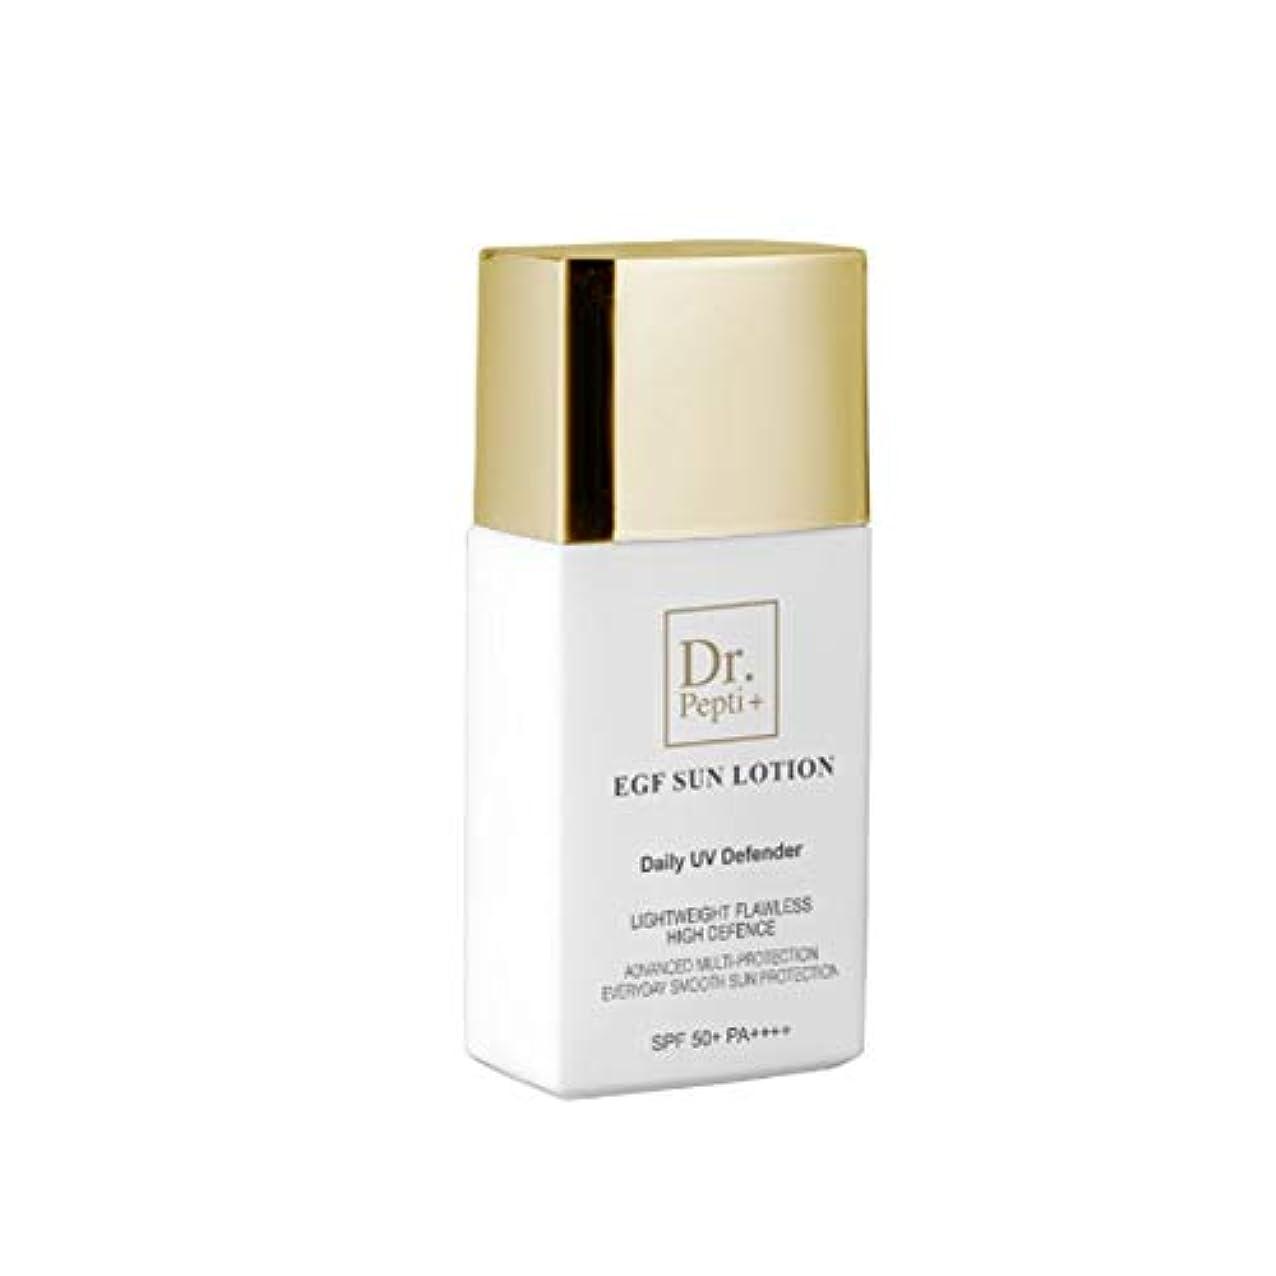 ジェイアンドコーシュドクターペプチEGFサンローション50mlサンクリーム韓国コスメ、J&Coceu Dr.Pepti+ EGF Sun Lotion 50ml Sun Cream Korean Cosmetics [並行輸入品]